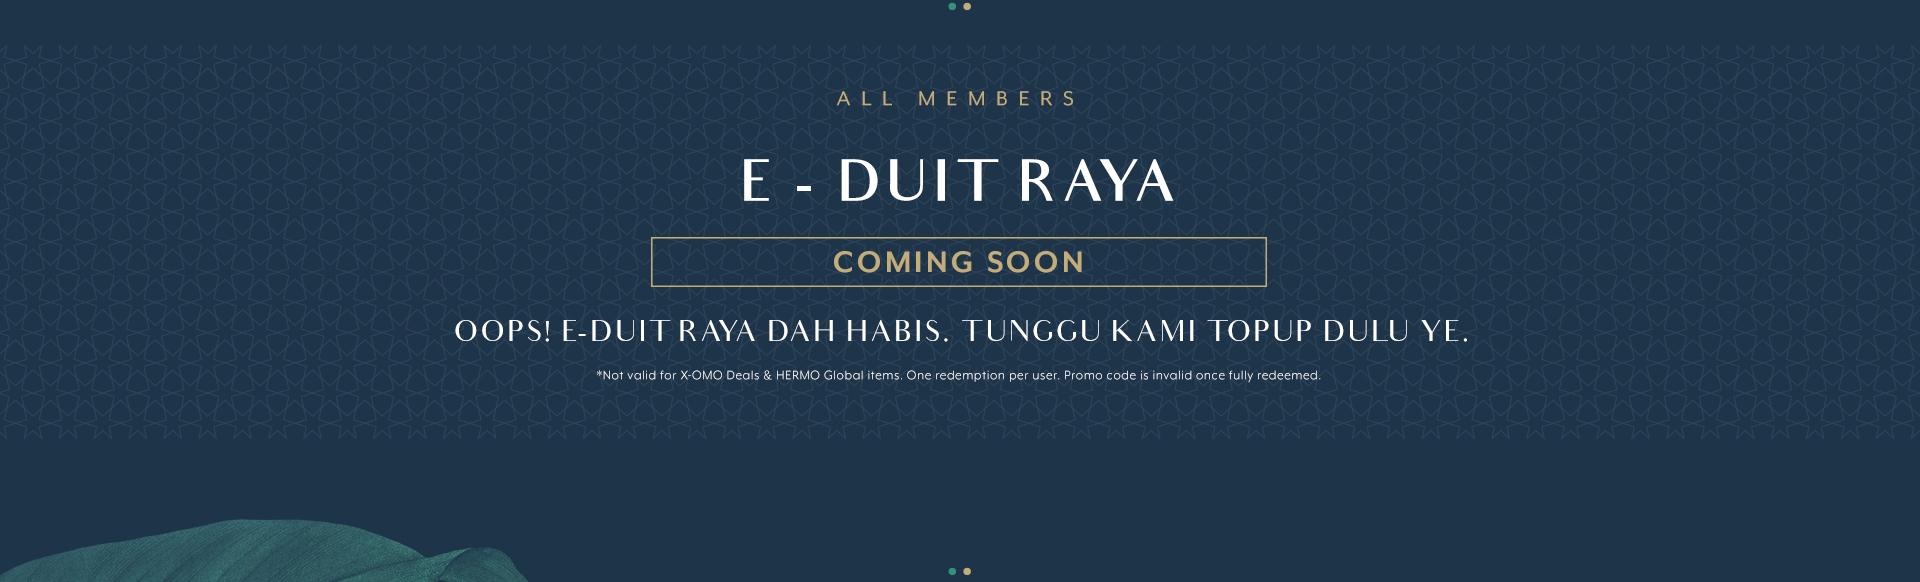 Raya - E-Duit Raya - Stand In Banner